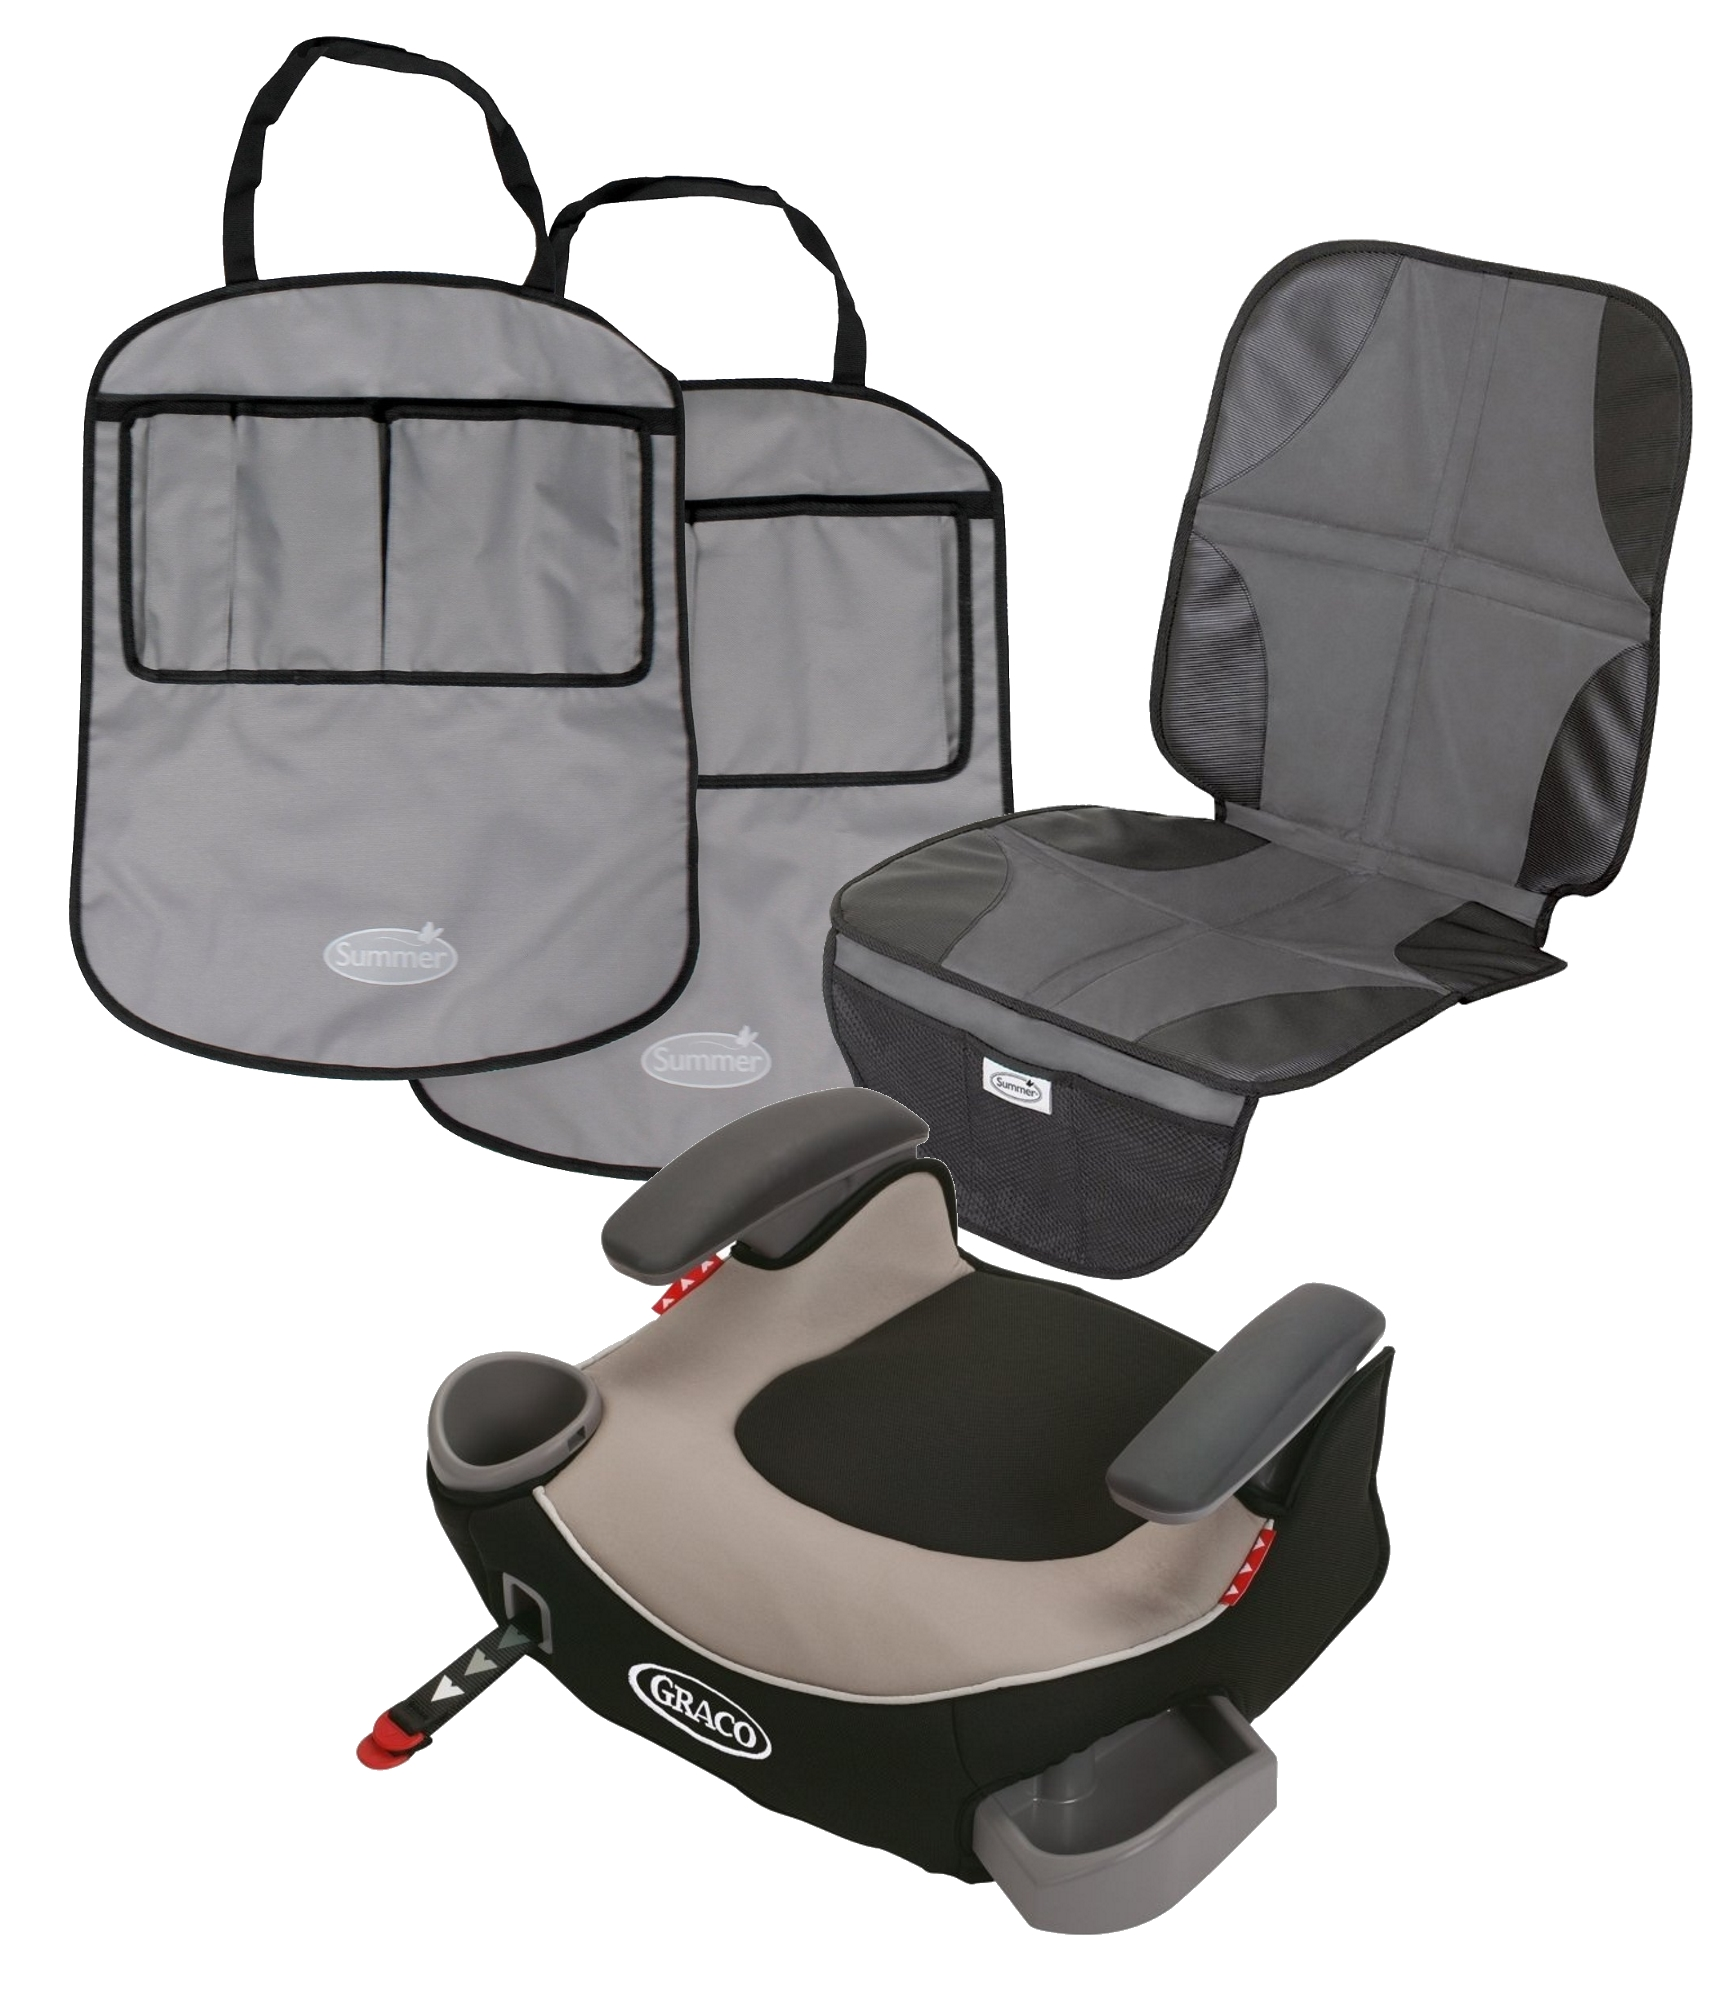 Silla De Carro Para Bebe Afijo de Graco Booster sin respaldo asiento con asiento trasero de coche asiento Protector Mat Kick protectores, Pierce + Graco en Veo y Compro